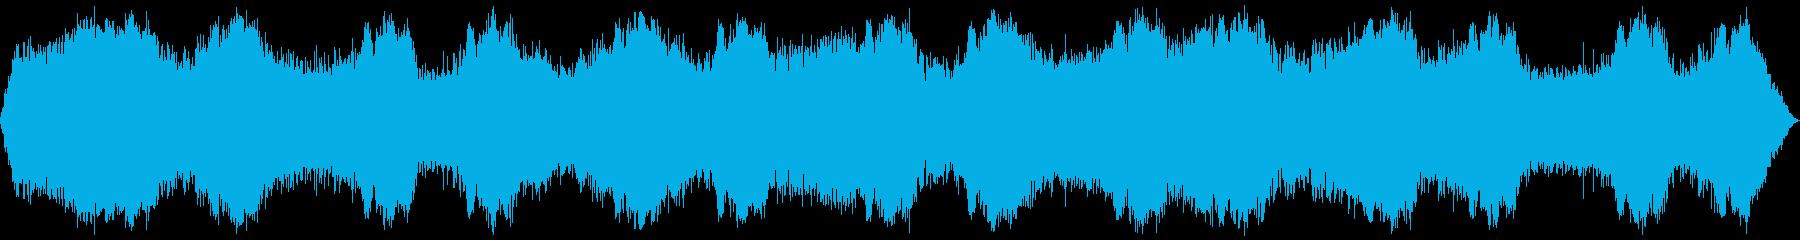 潜水艦:EXT:ラフシー潜水艦の表...の再生済みの波形